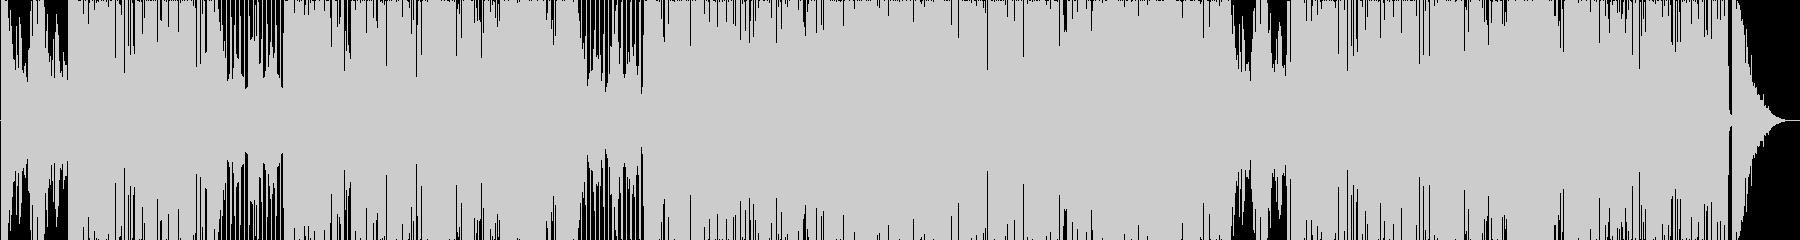 映像用軽快なファンキージャズの未再生の波形